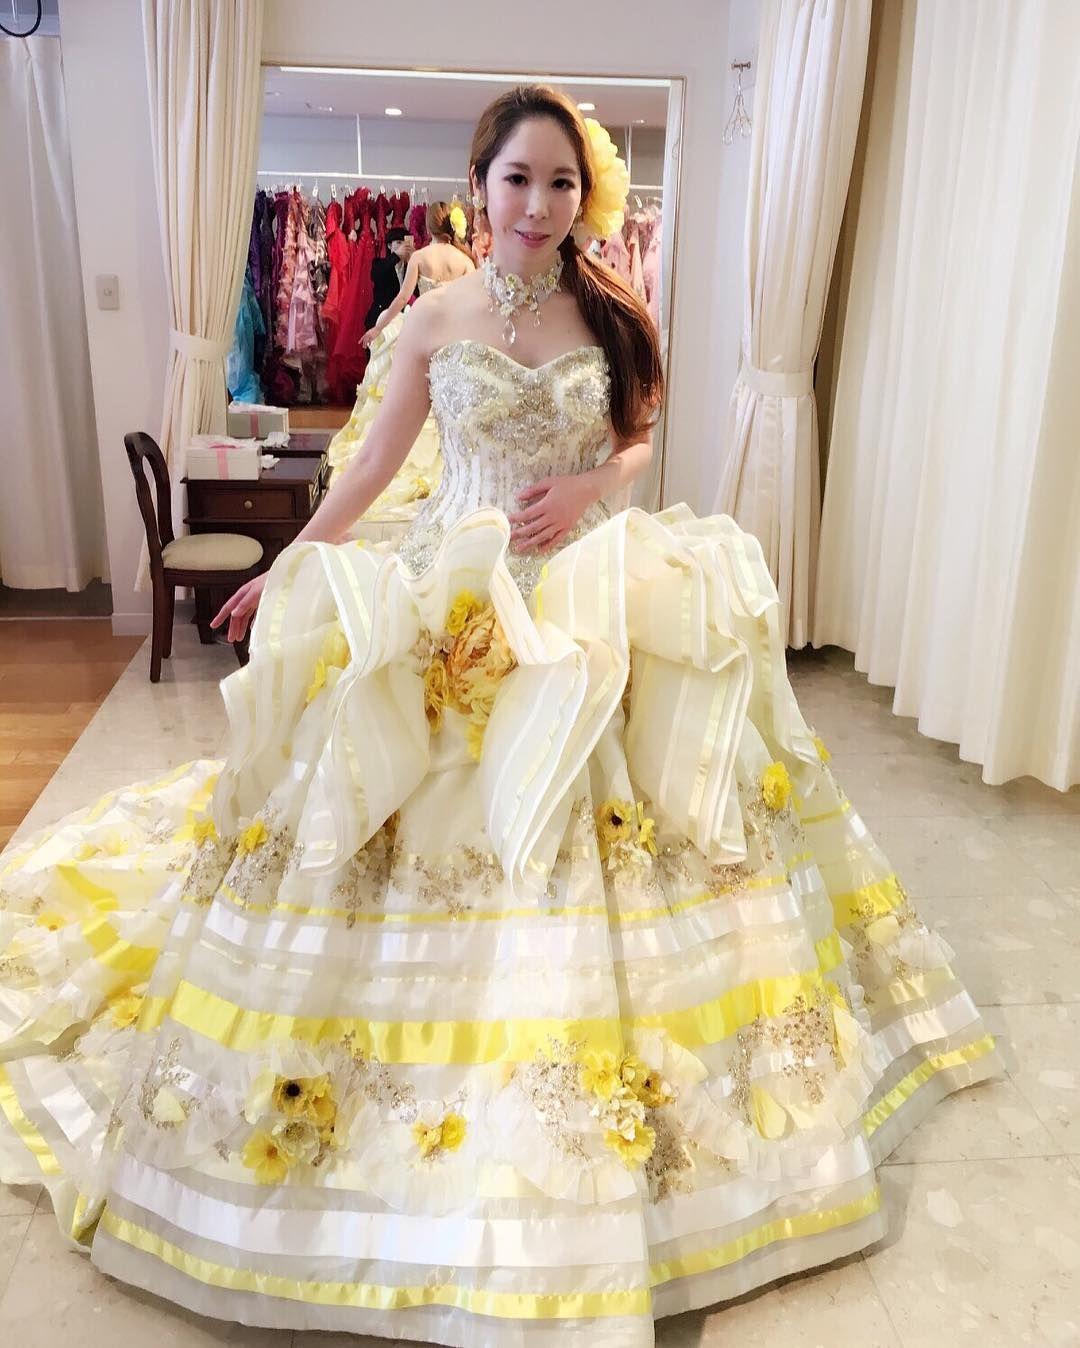 c6402a99f087a 着ないカラードレス . . ステラのドレスはゴージャスで華やか . . 髪巻い ...